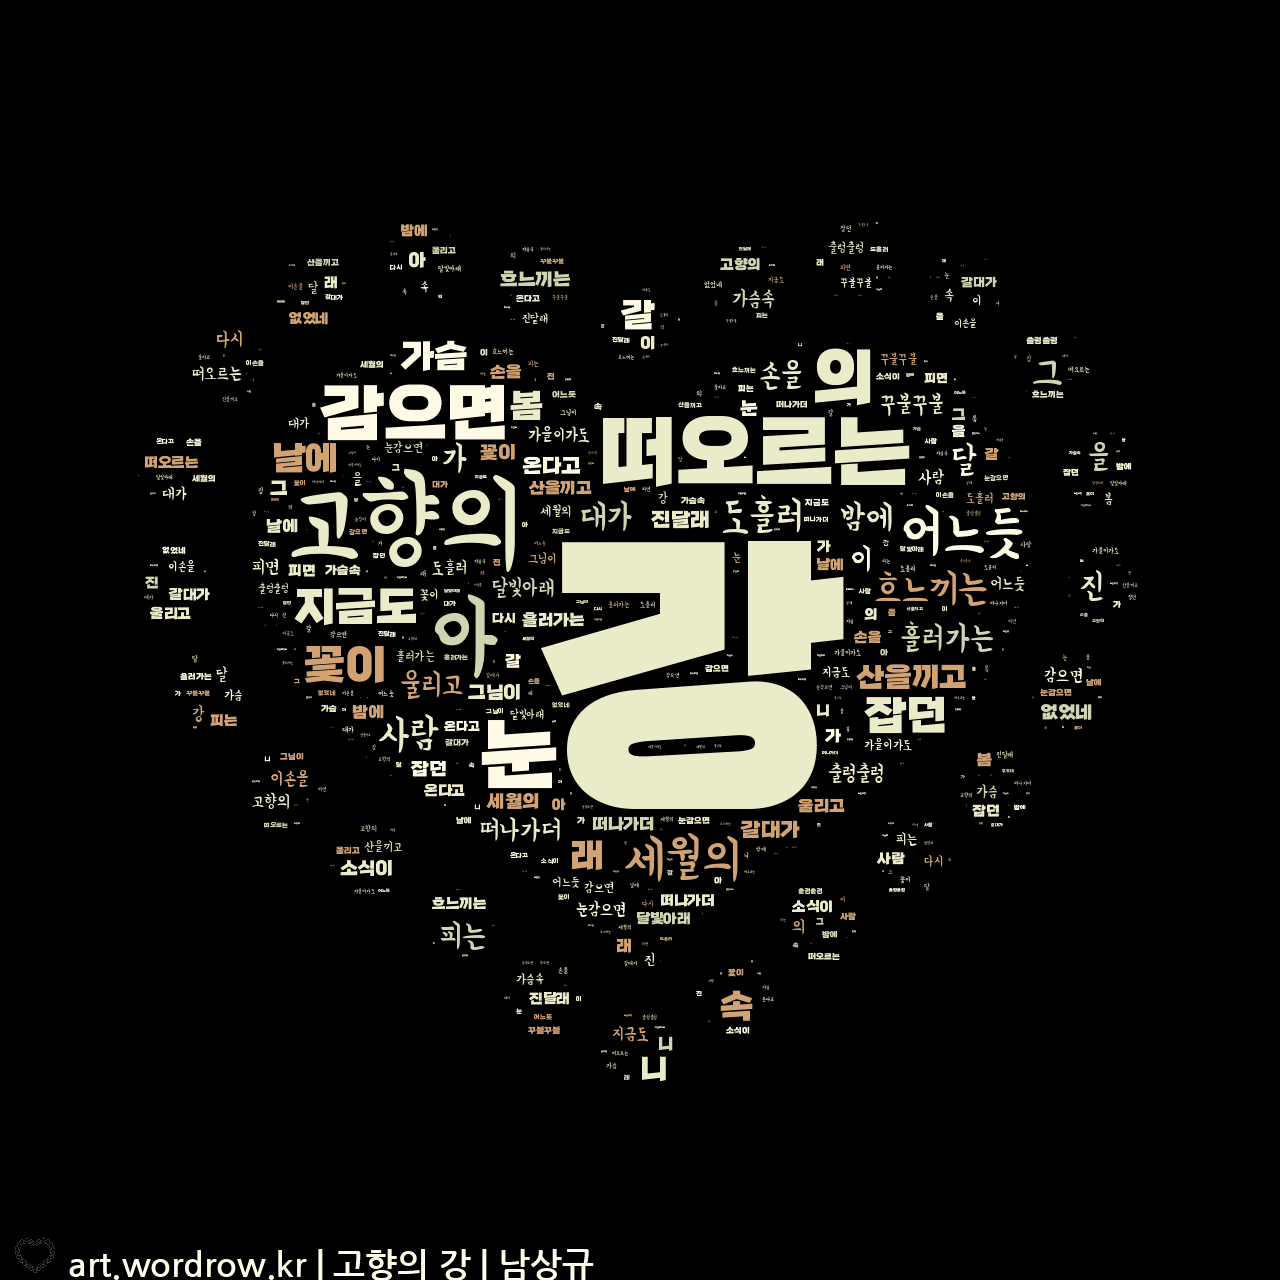 워드 아트: 고향의 강 [남상규]-54